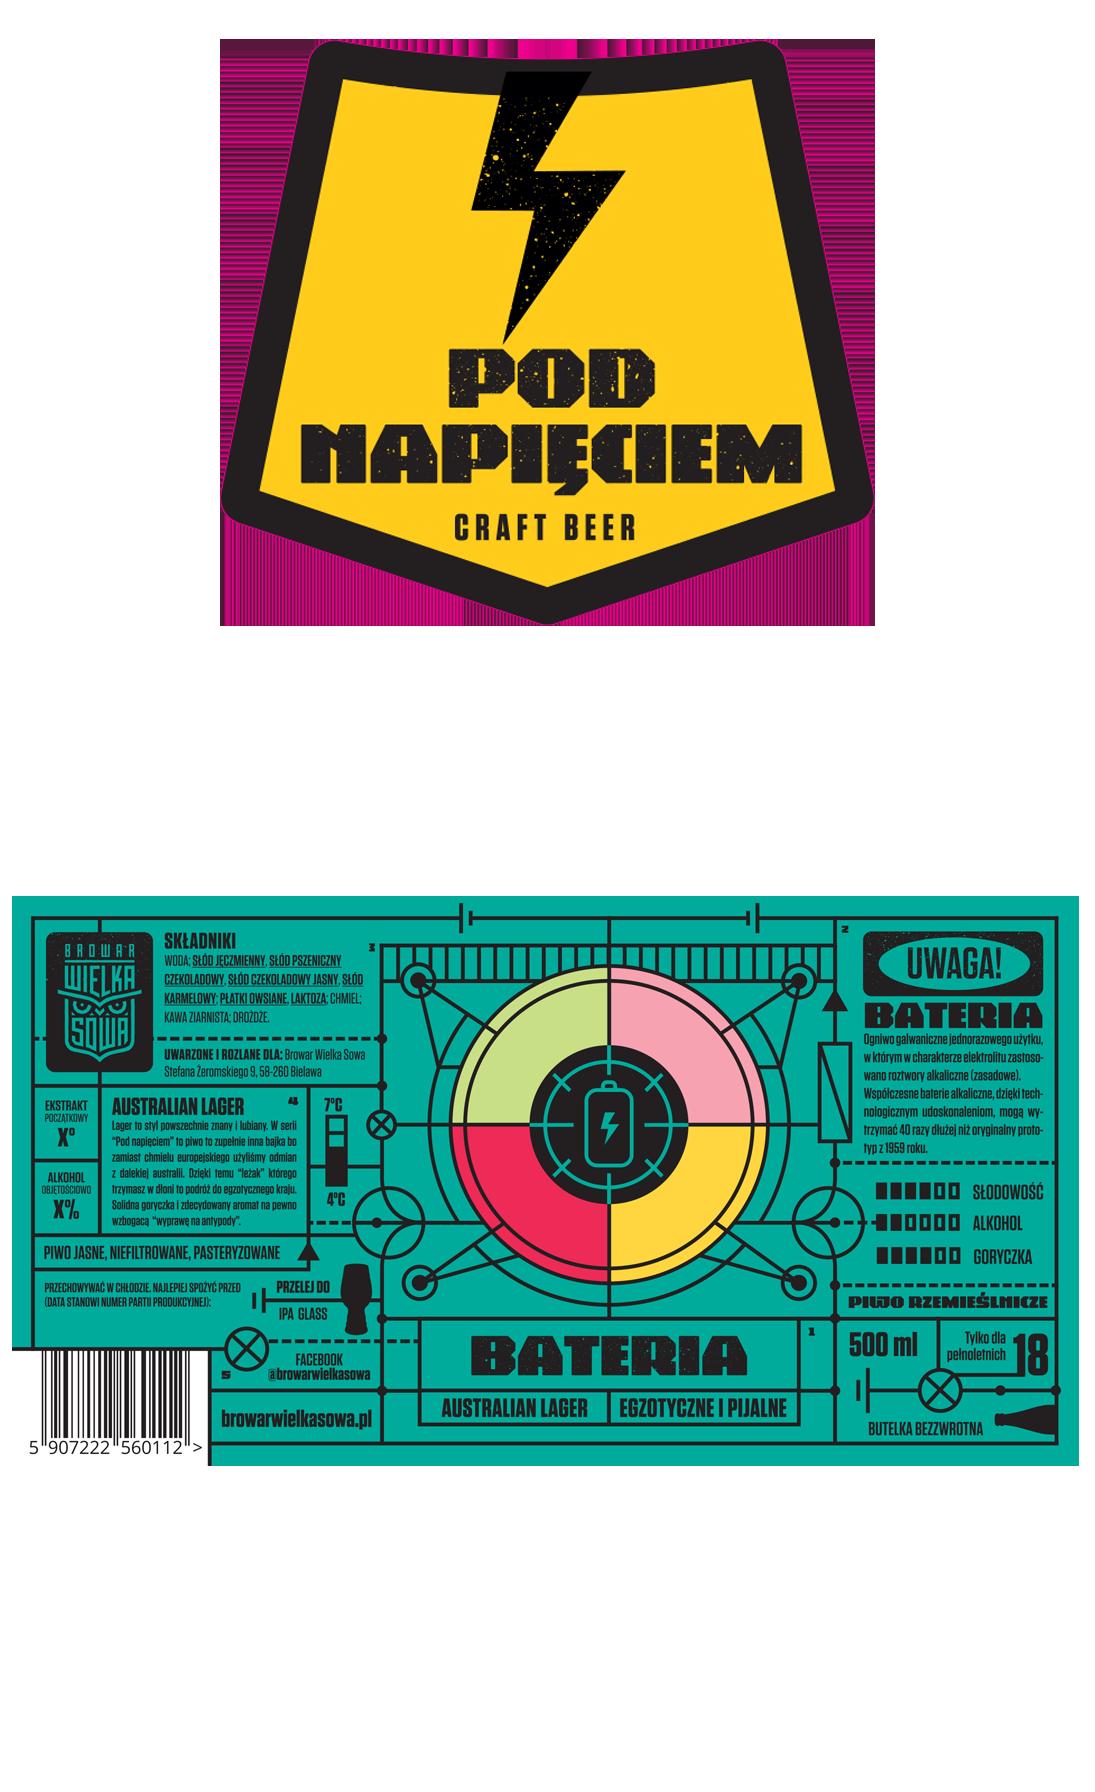 BATERIA – Australian Lager